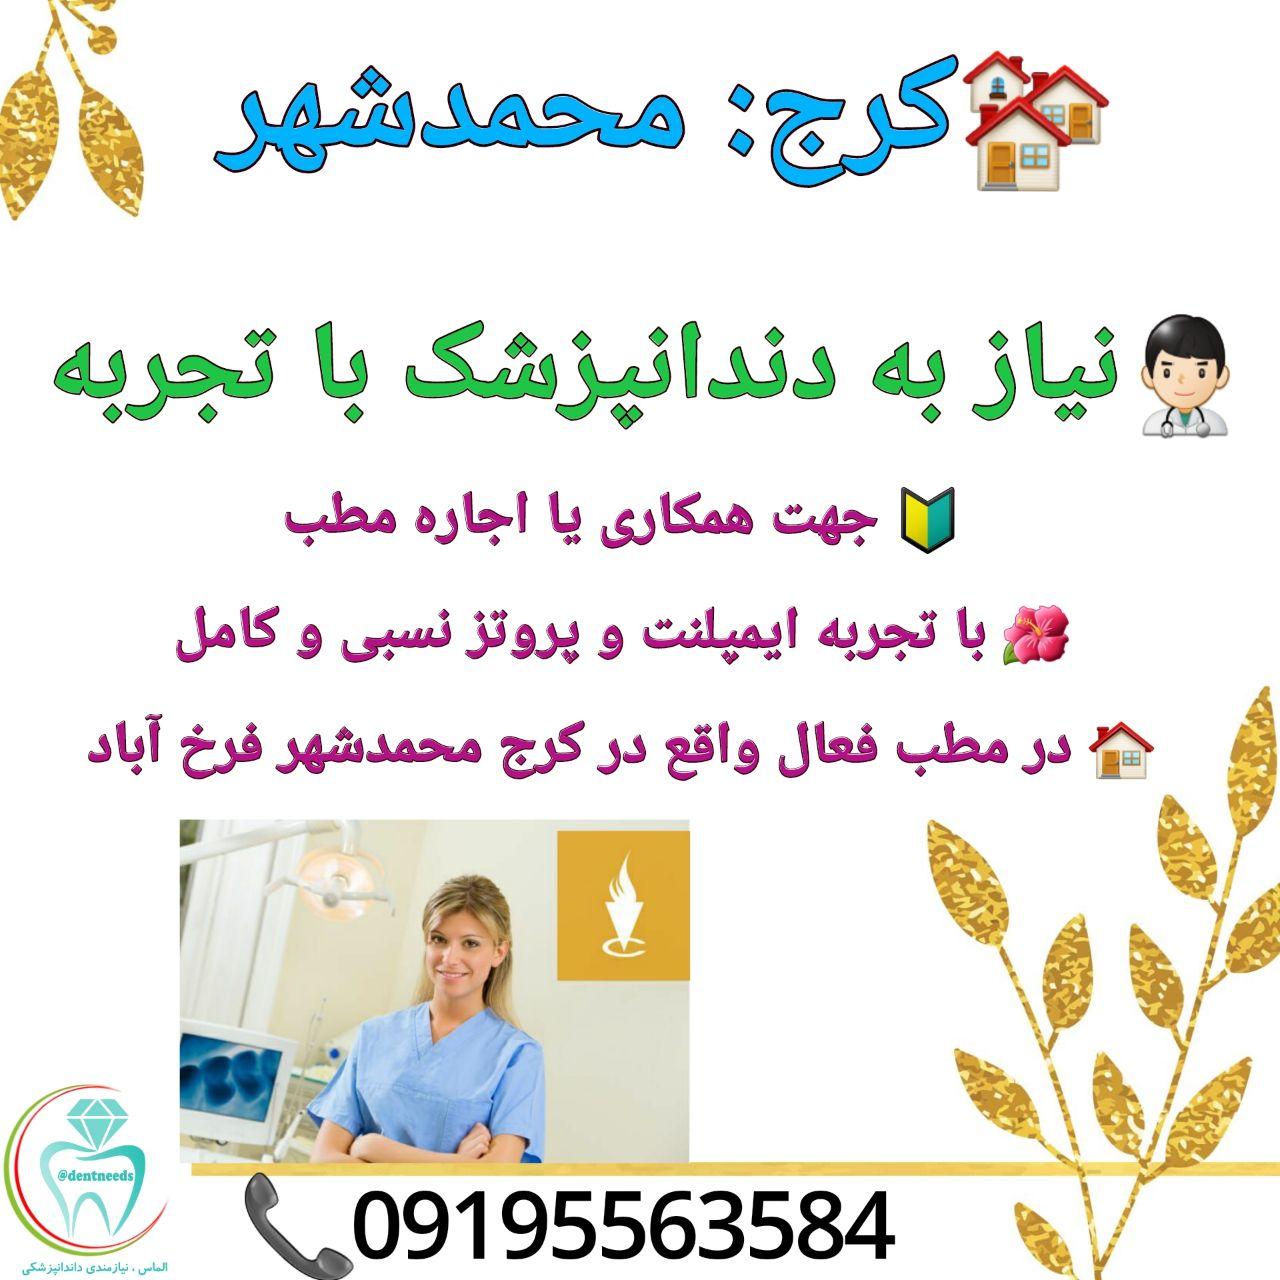 کرج: محمدشهر، نیاز به دندانپزشک با تجربه